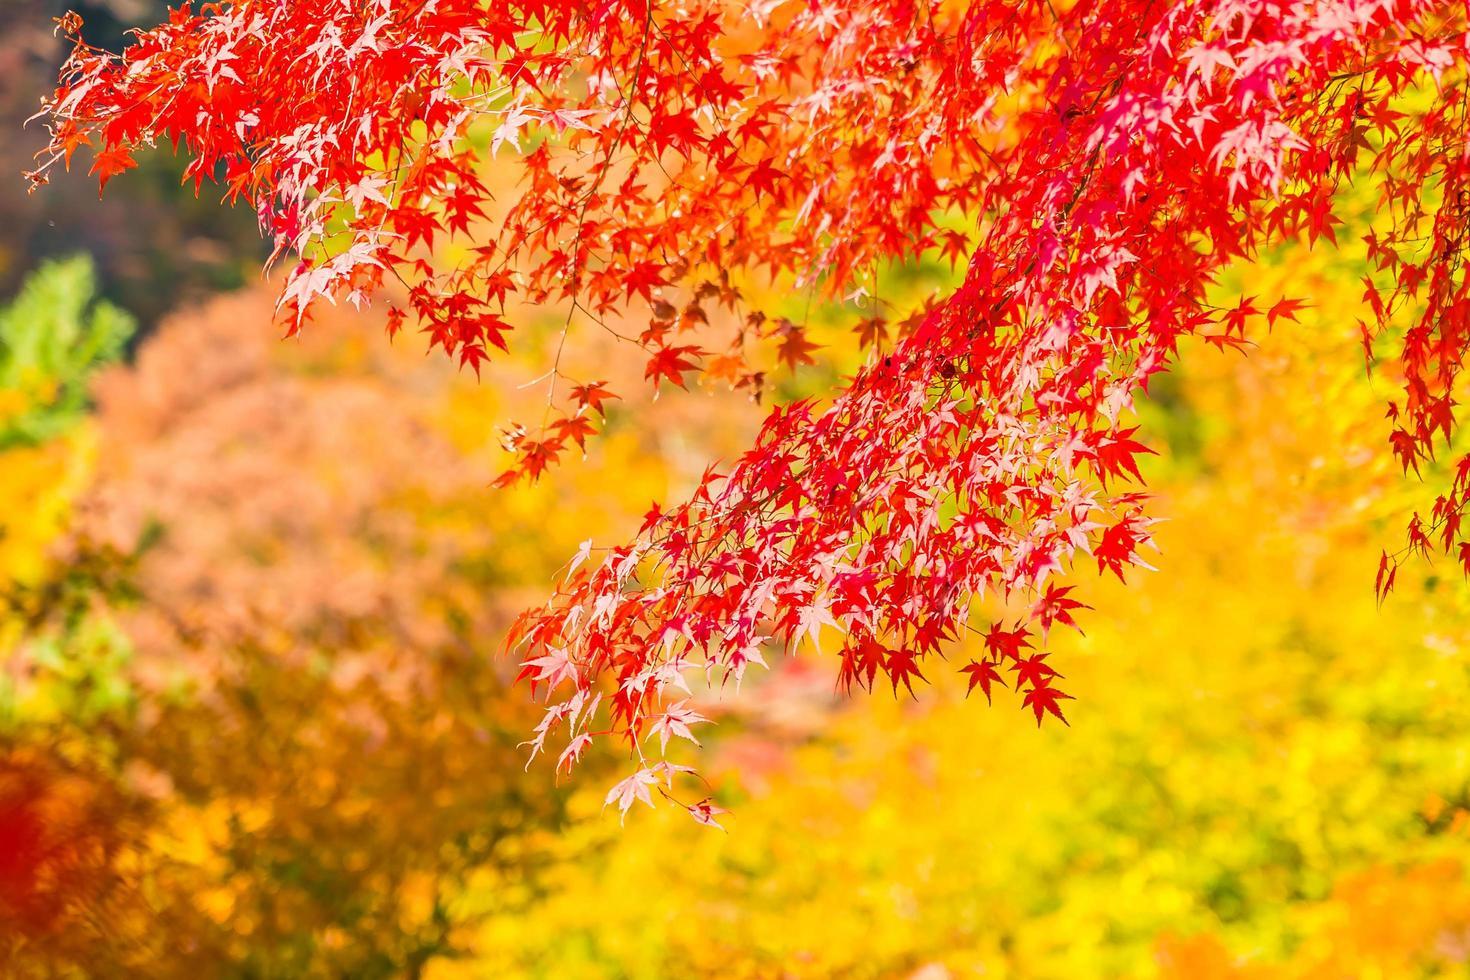 schöne rote Ahornblätter foto